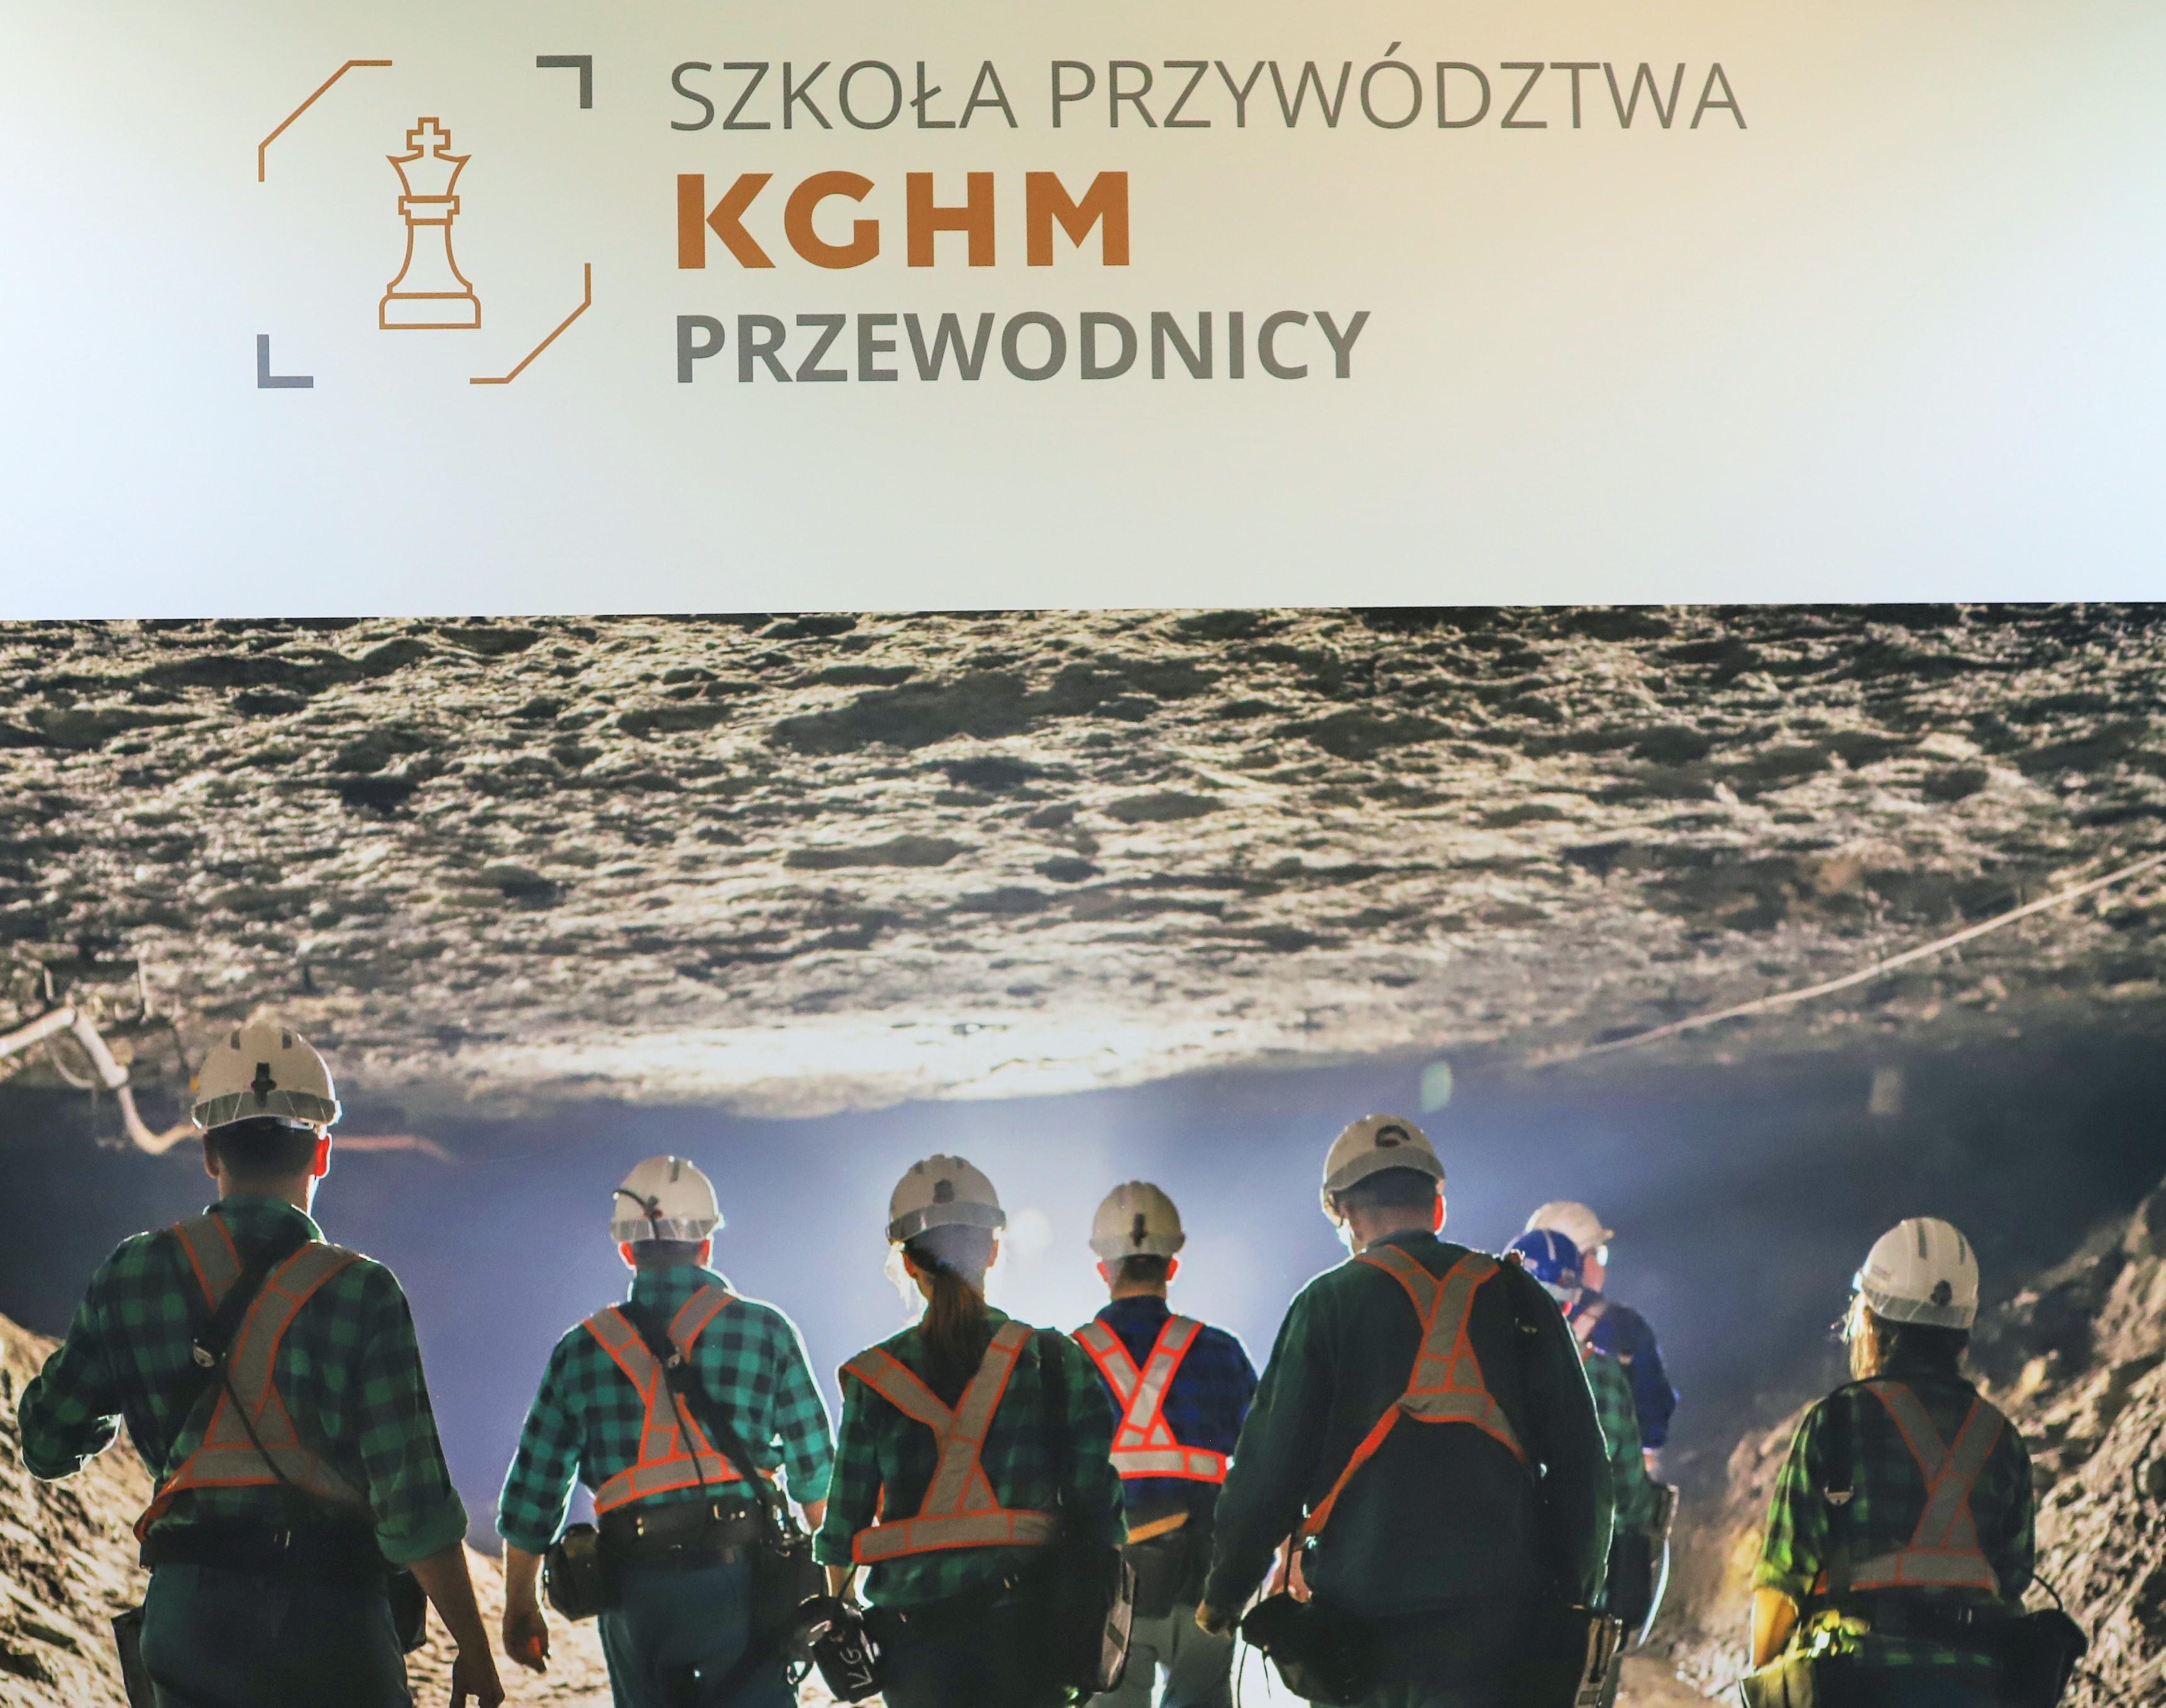 """Projekt KGHM """"Przewodnicy"""" został zainagurowany w 2019 roku (Fot. mat. pras.)"""